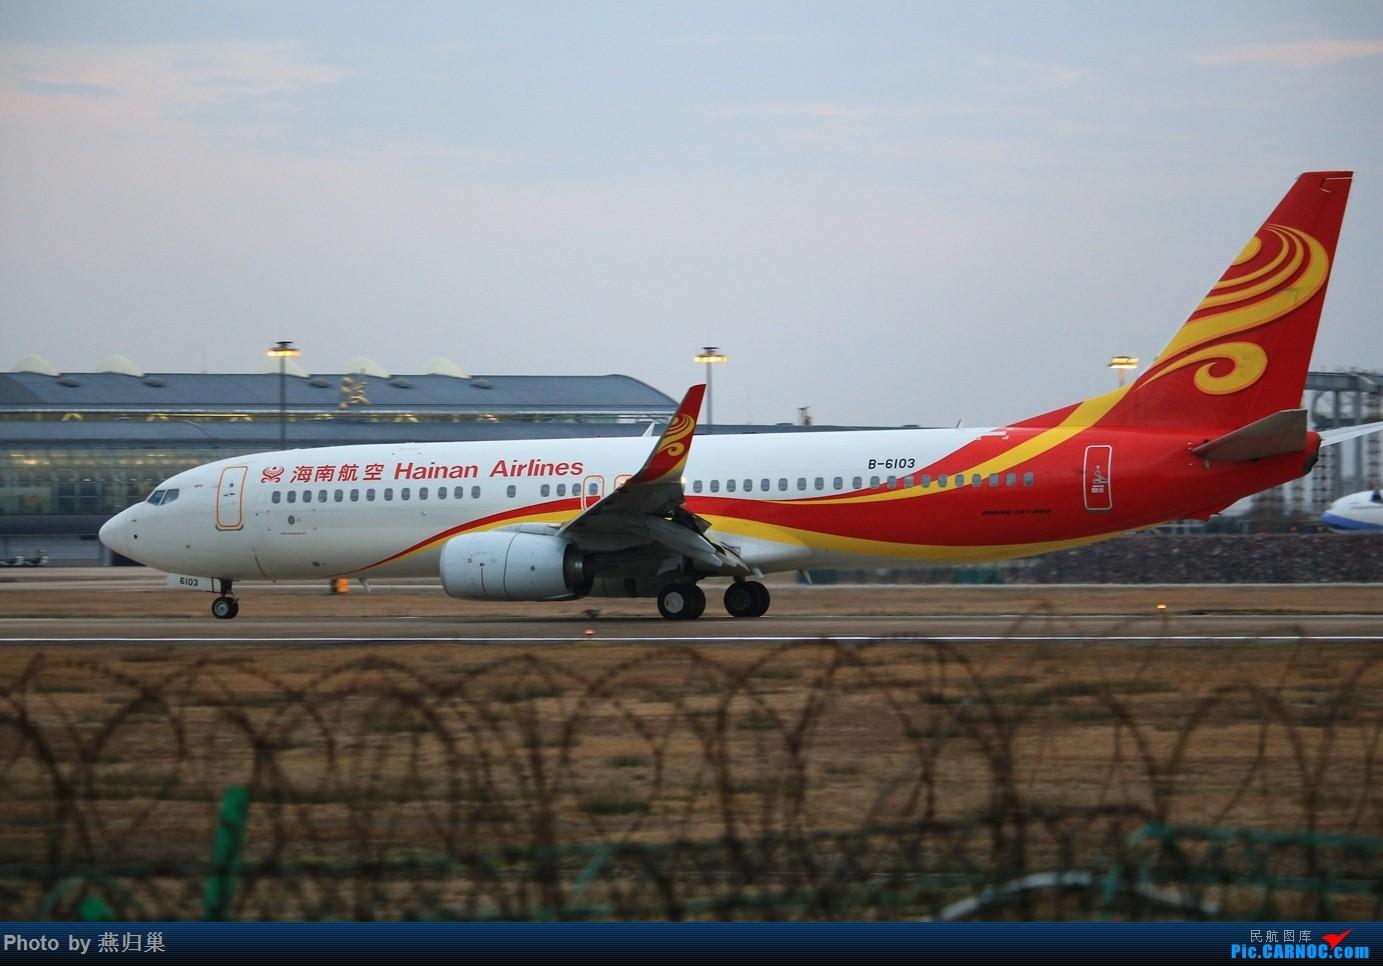 Re:[原创]【宁波飞友会】年前NGB拍机合集 BOEING 737-800 B-6103 中国宁波栎社国际机场